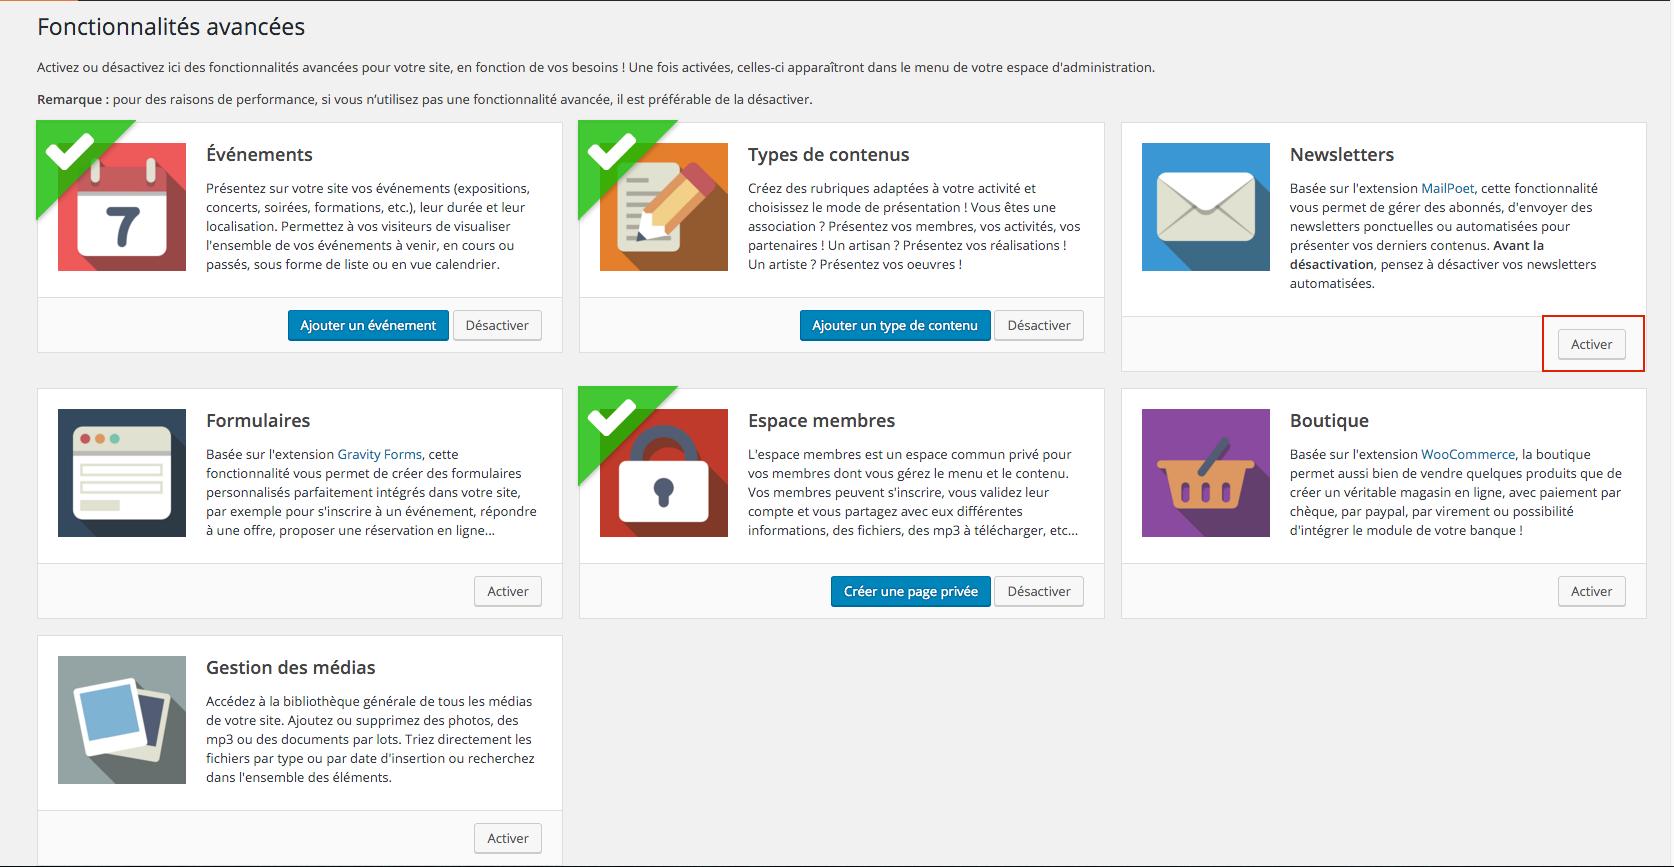 Activer la fonctionnalité avancée Newsletter